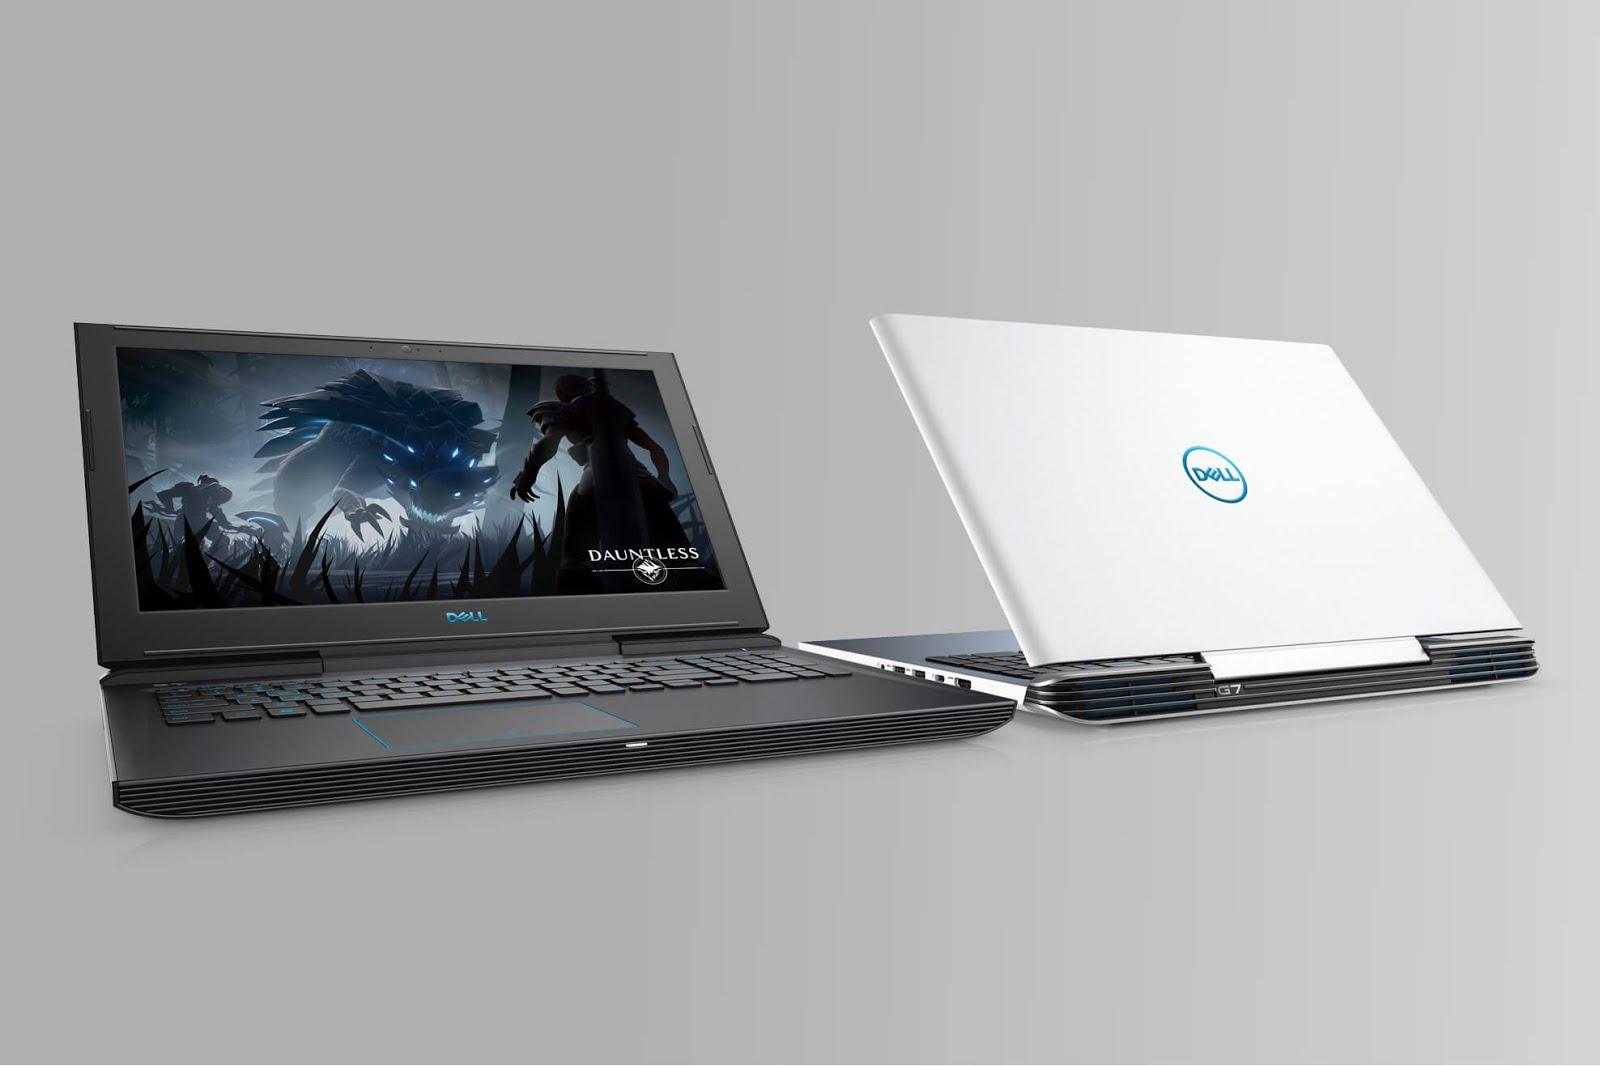 Dell G5 15, Dell G7 15, Dell G3 15 and Dell G3 17: Features and specifications; Dell G5 15, Dell G7 15, Dell G3 15 and Dell G3 17 price in India, Dell G5 15, Dell G7 15, Dell G3 15 and Dell G3 17 Launch date